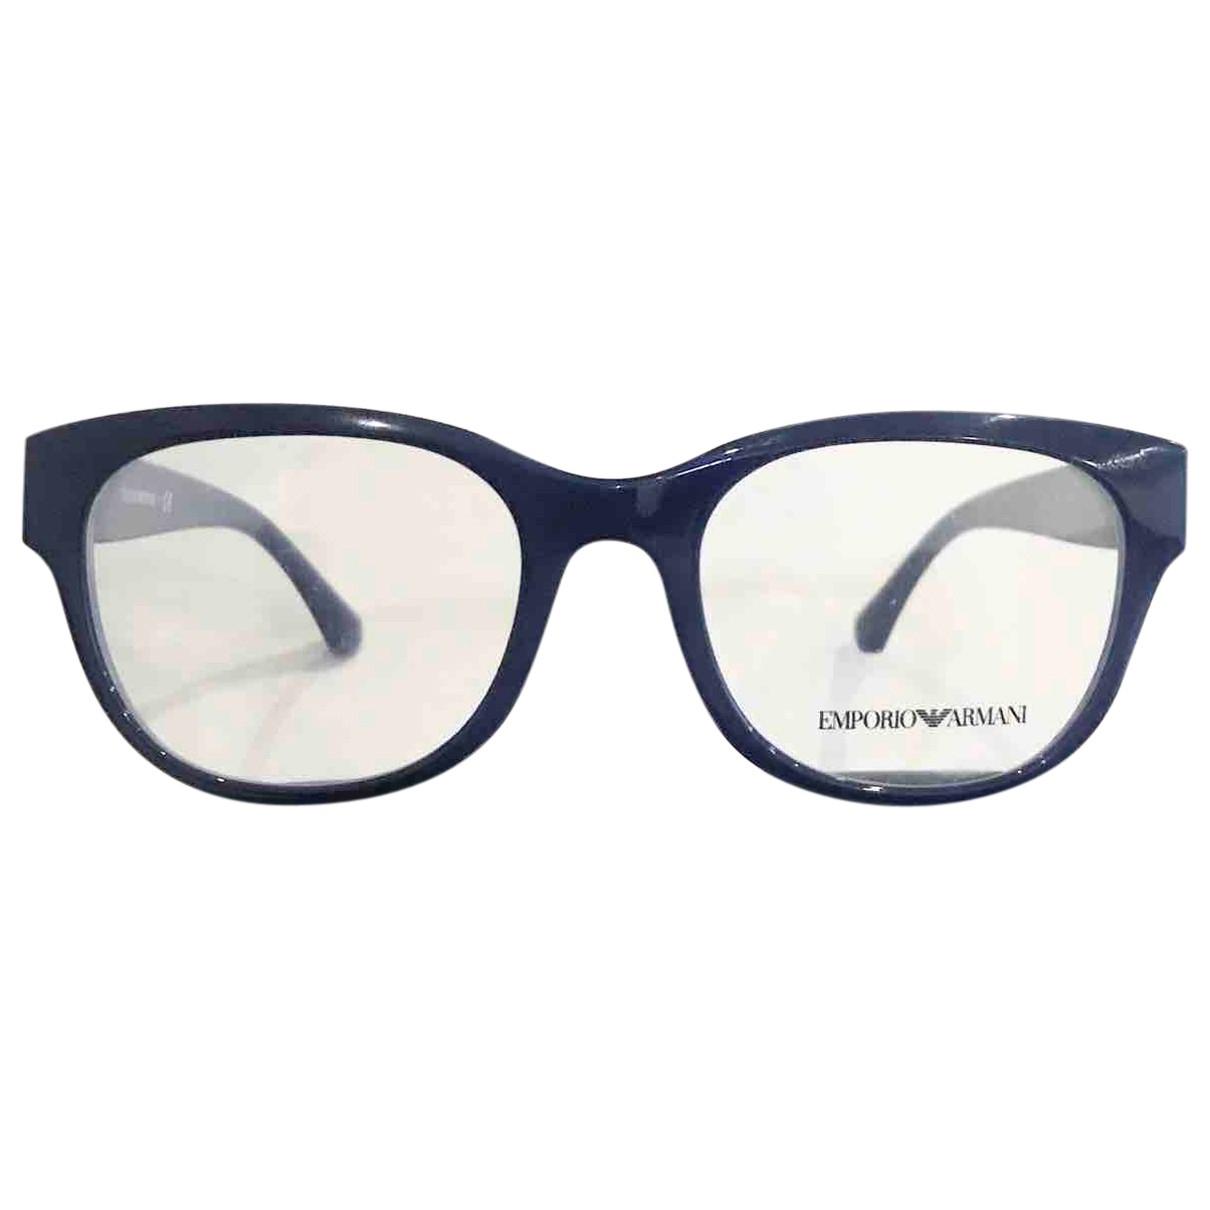 Emporio Armani - Lunettes   pour femme - bleu